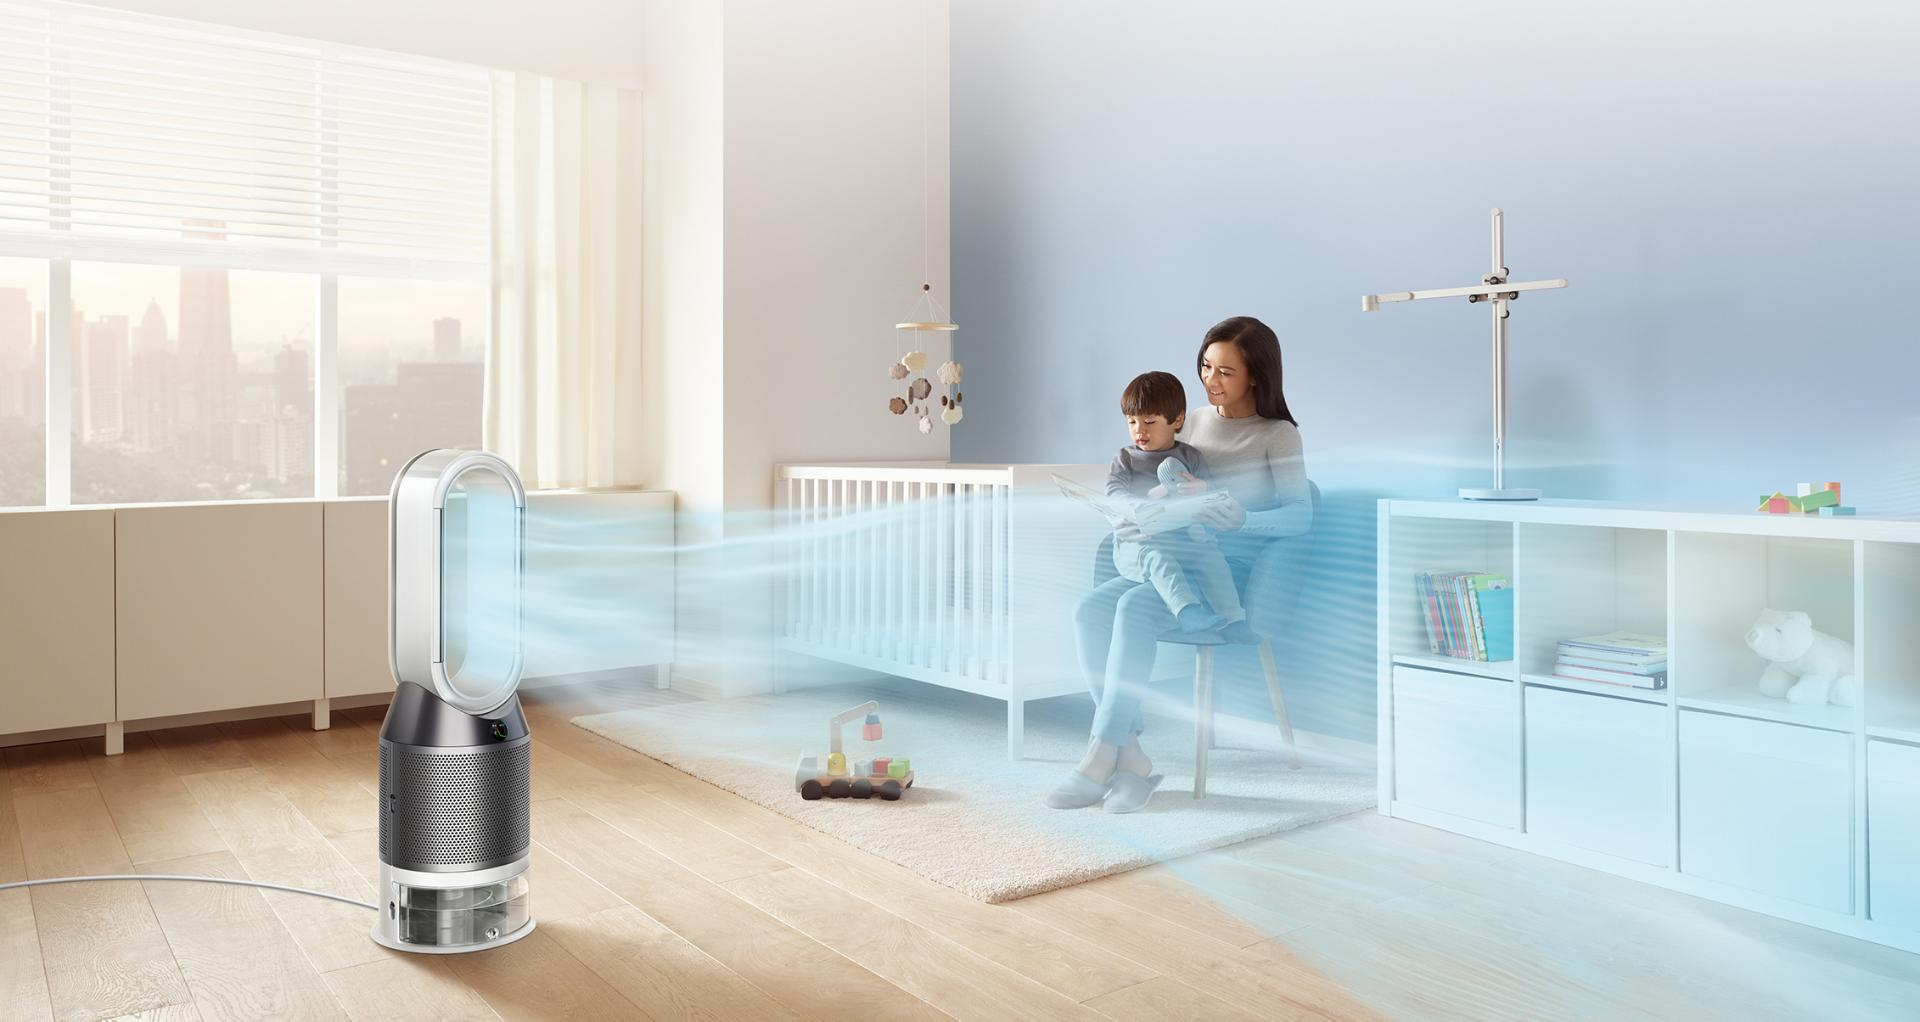 Žena předčítá svému dítěti, zatímco čistička vzduchu s funkcí zvlhčovače Dyson vypouští proud vzduchu do pokojíku